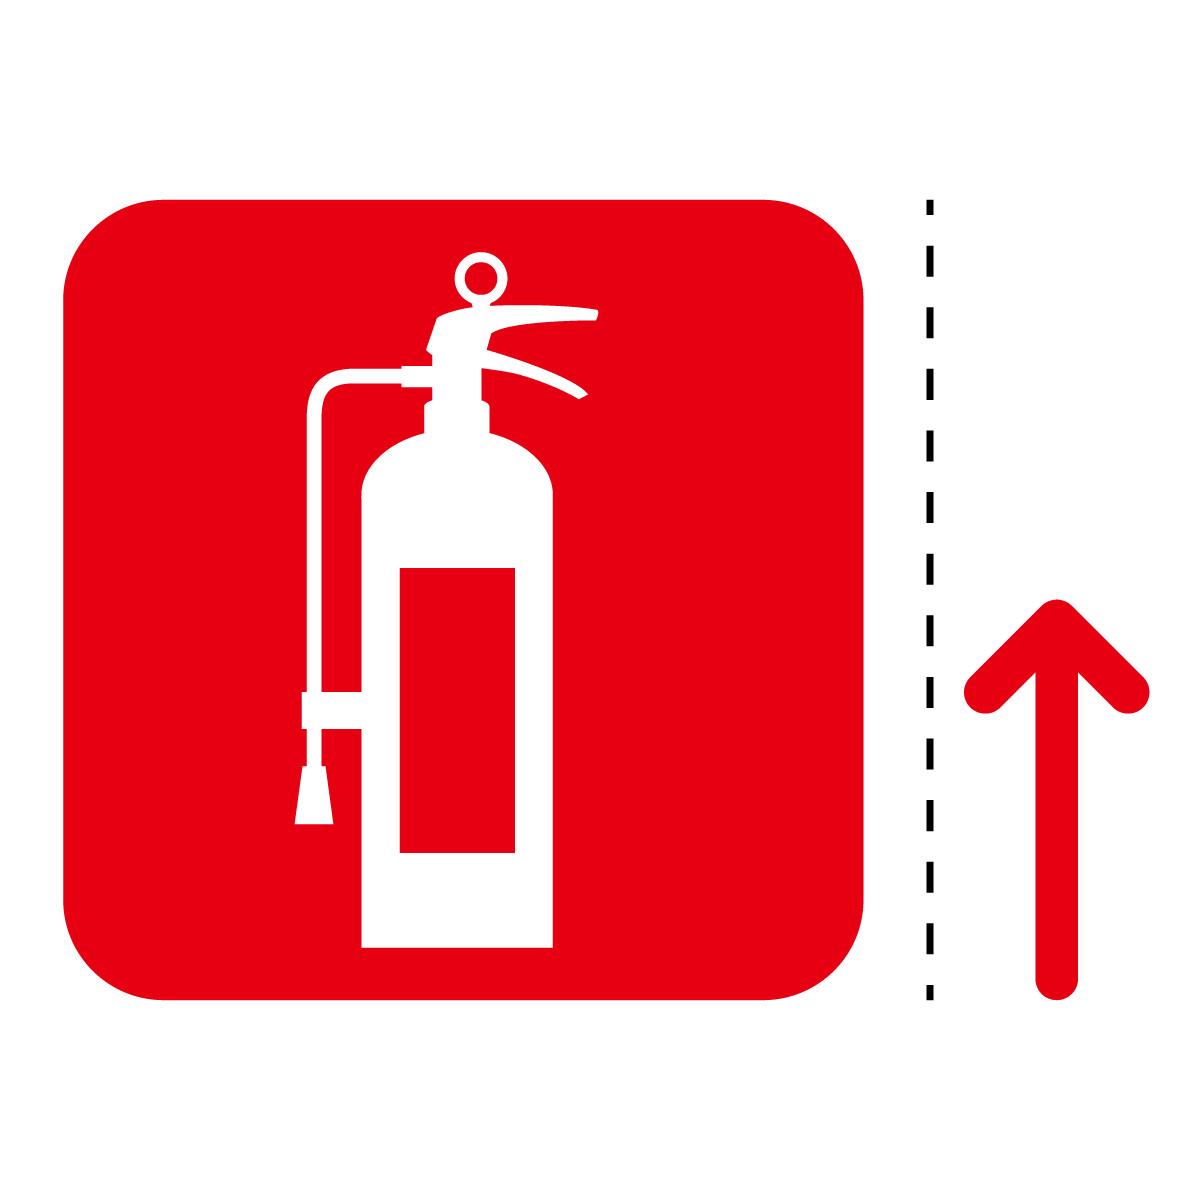 赤色の消火器案内マーク(矢印付き)のカッティングステッカー・シール